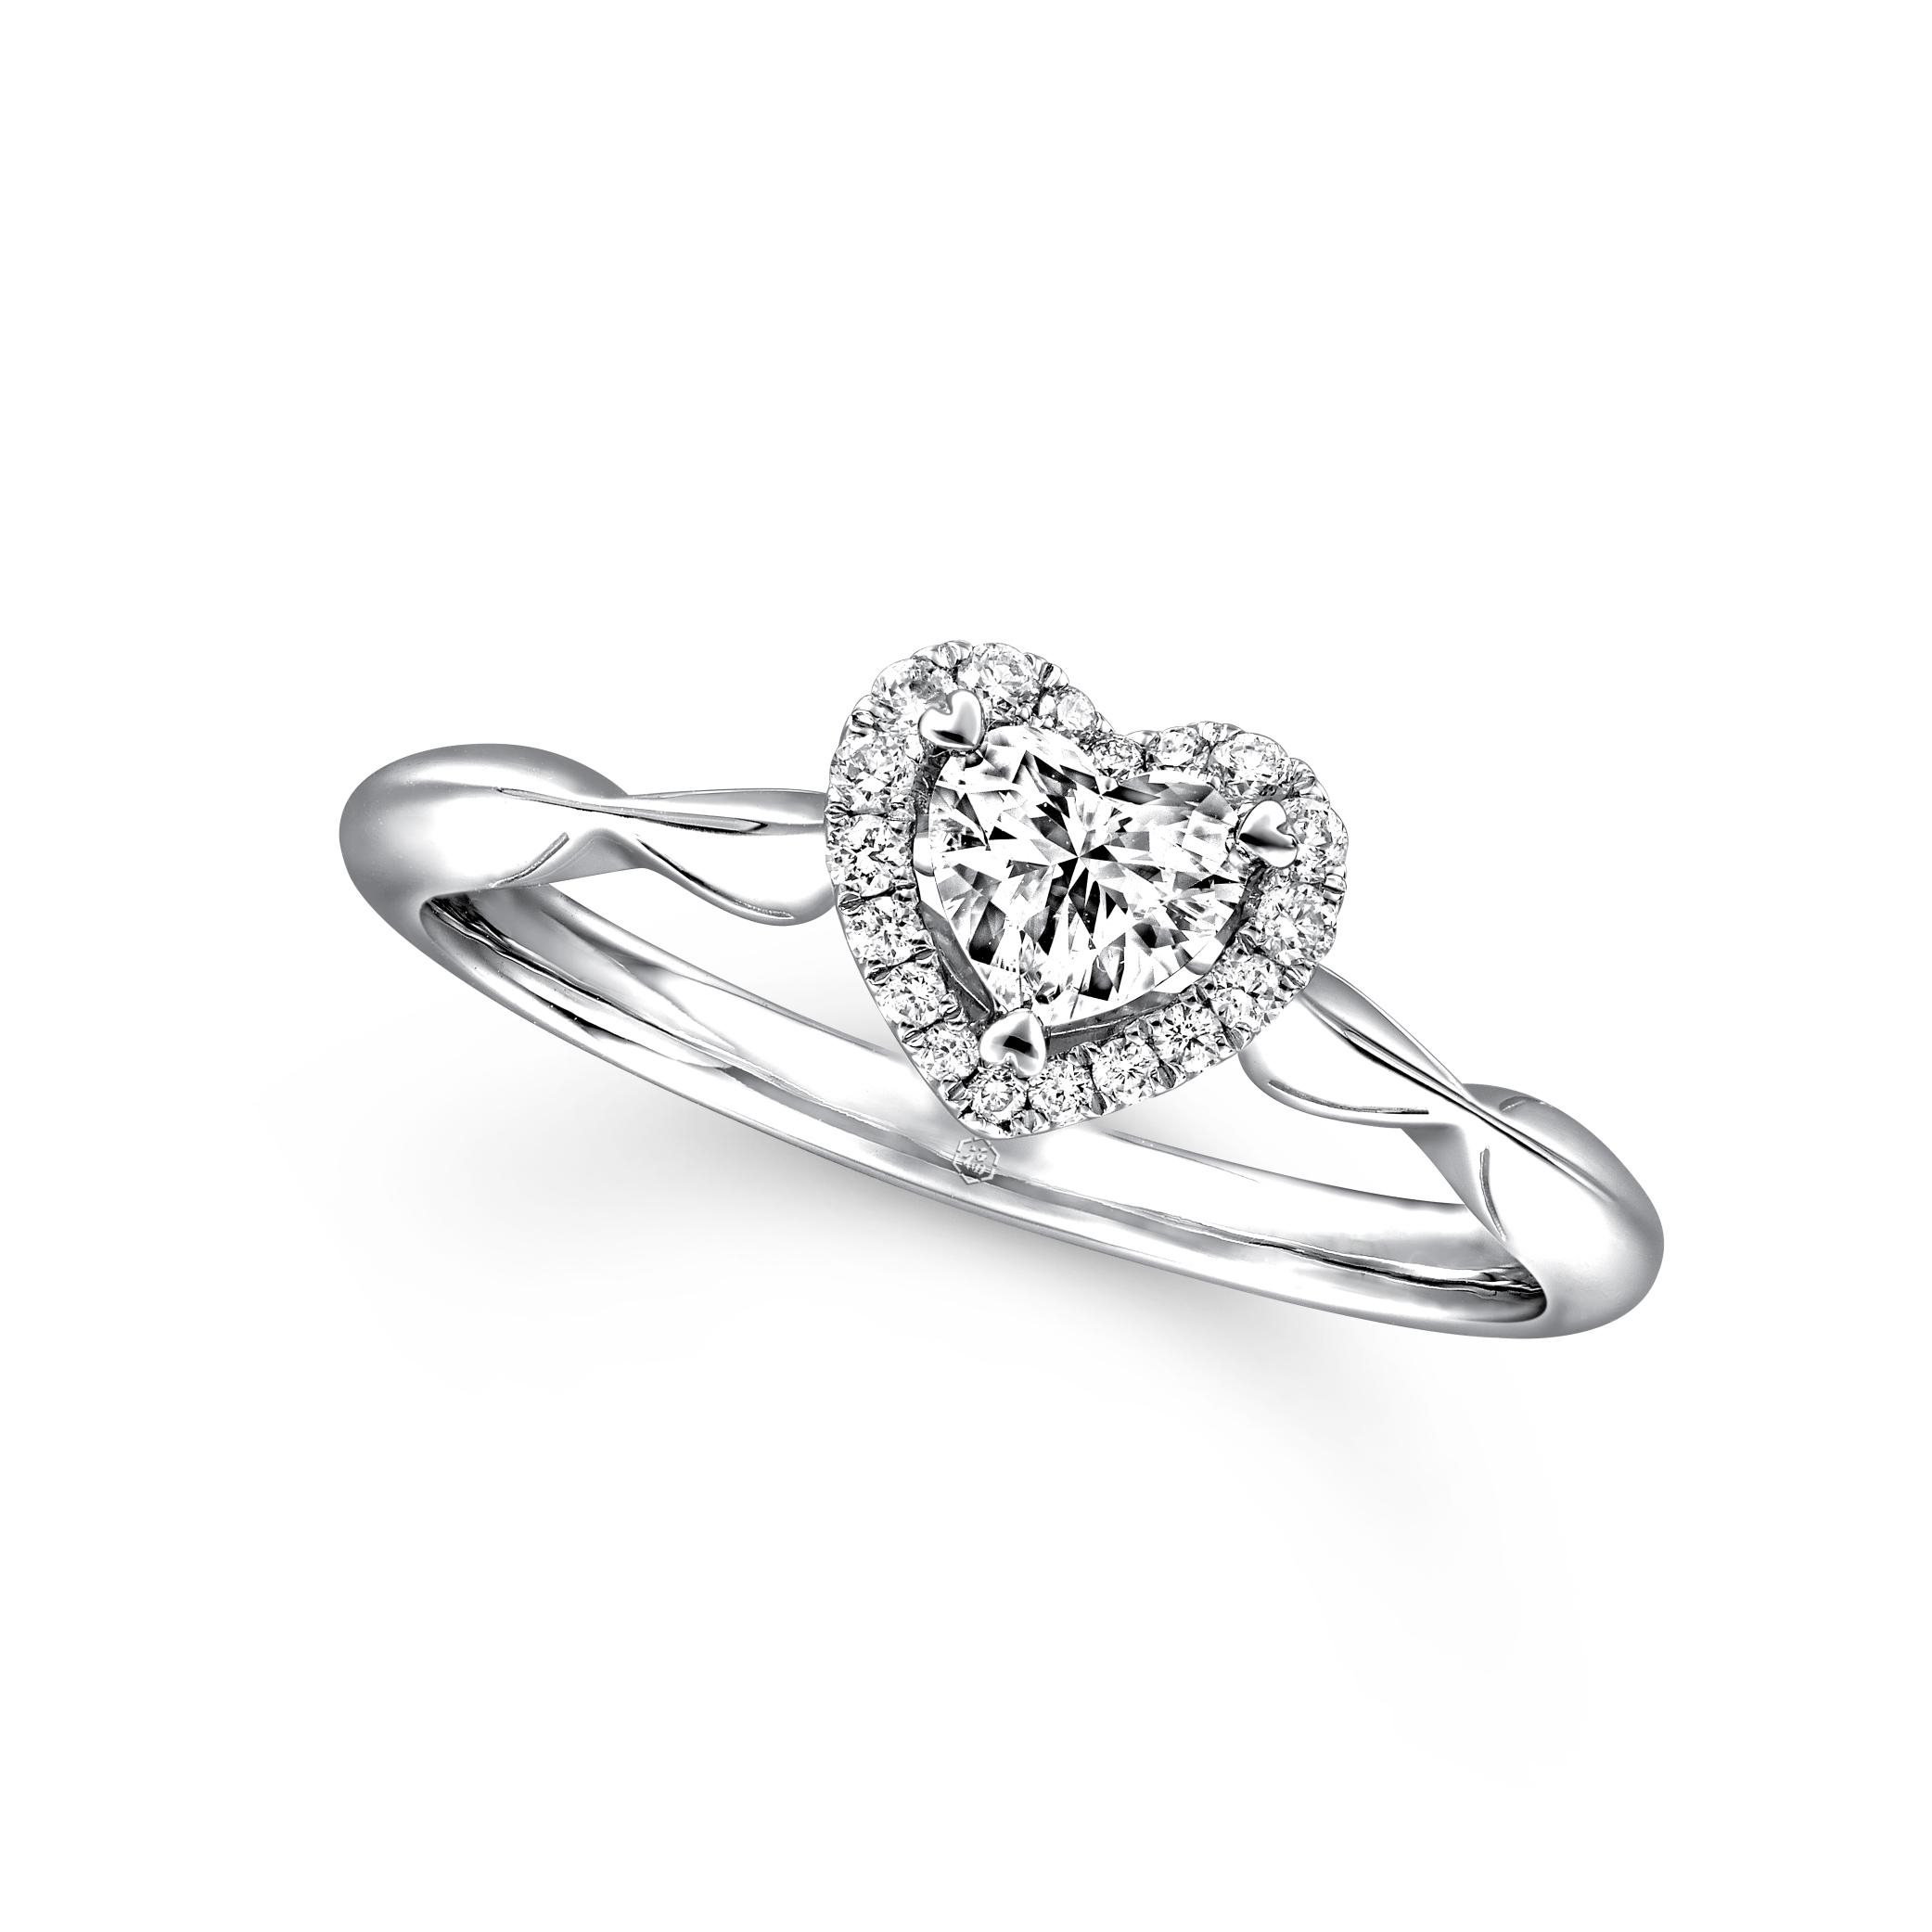 愛很美系列18K金(白色)鑽石戒指(港澳專款)